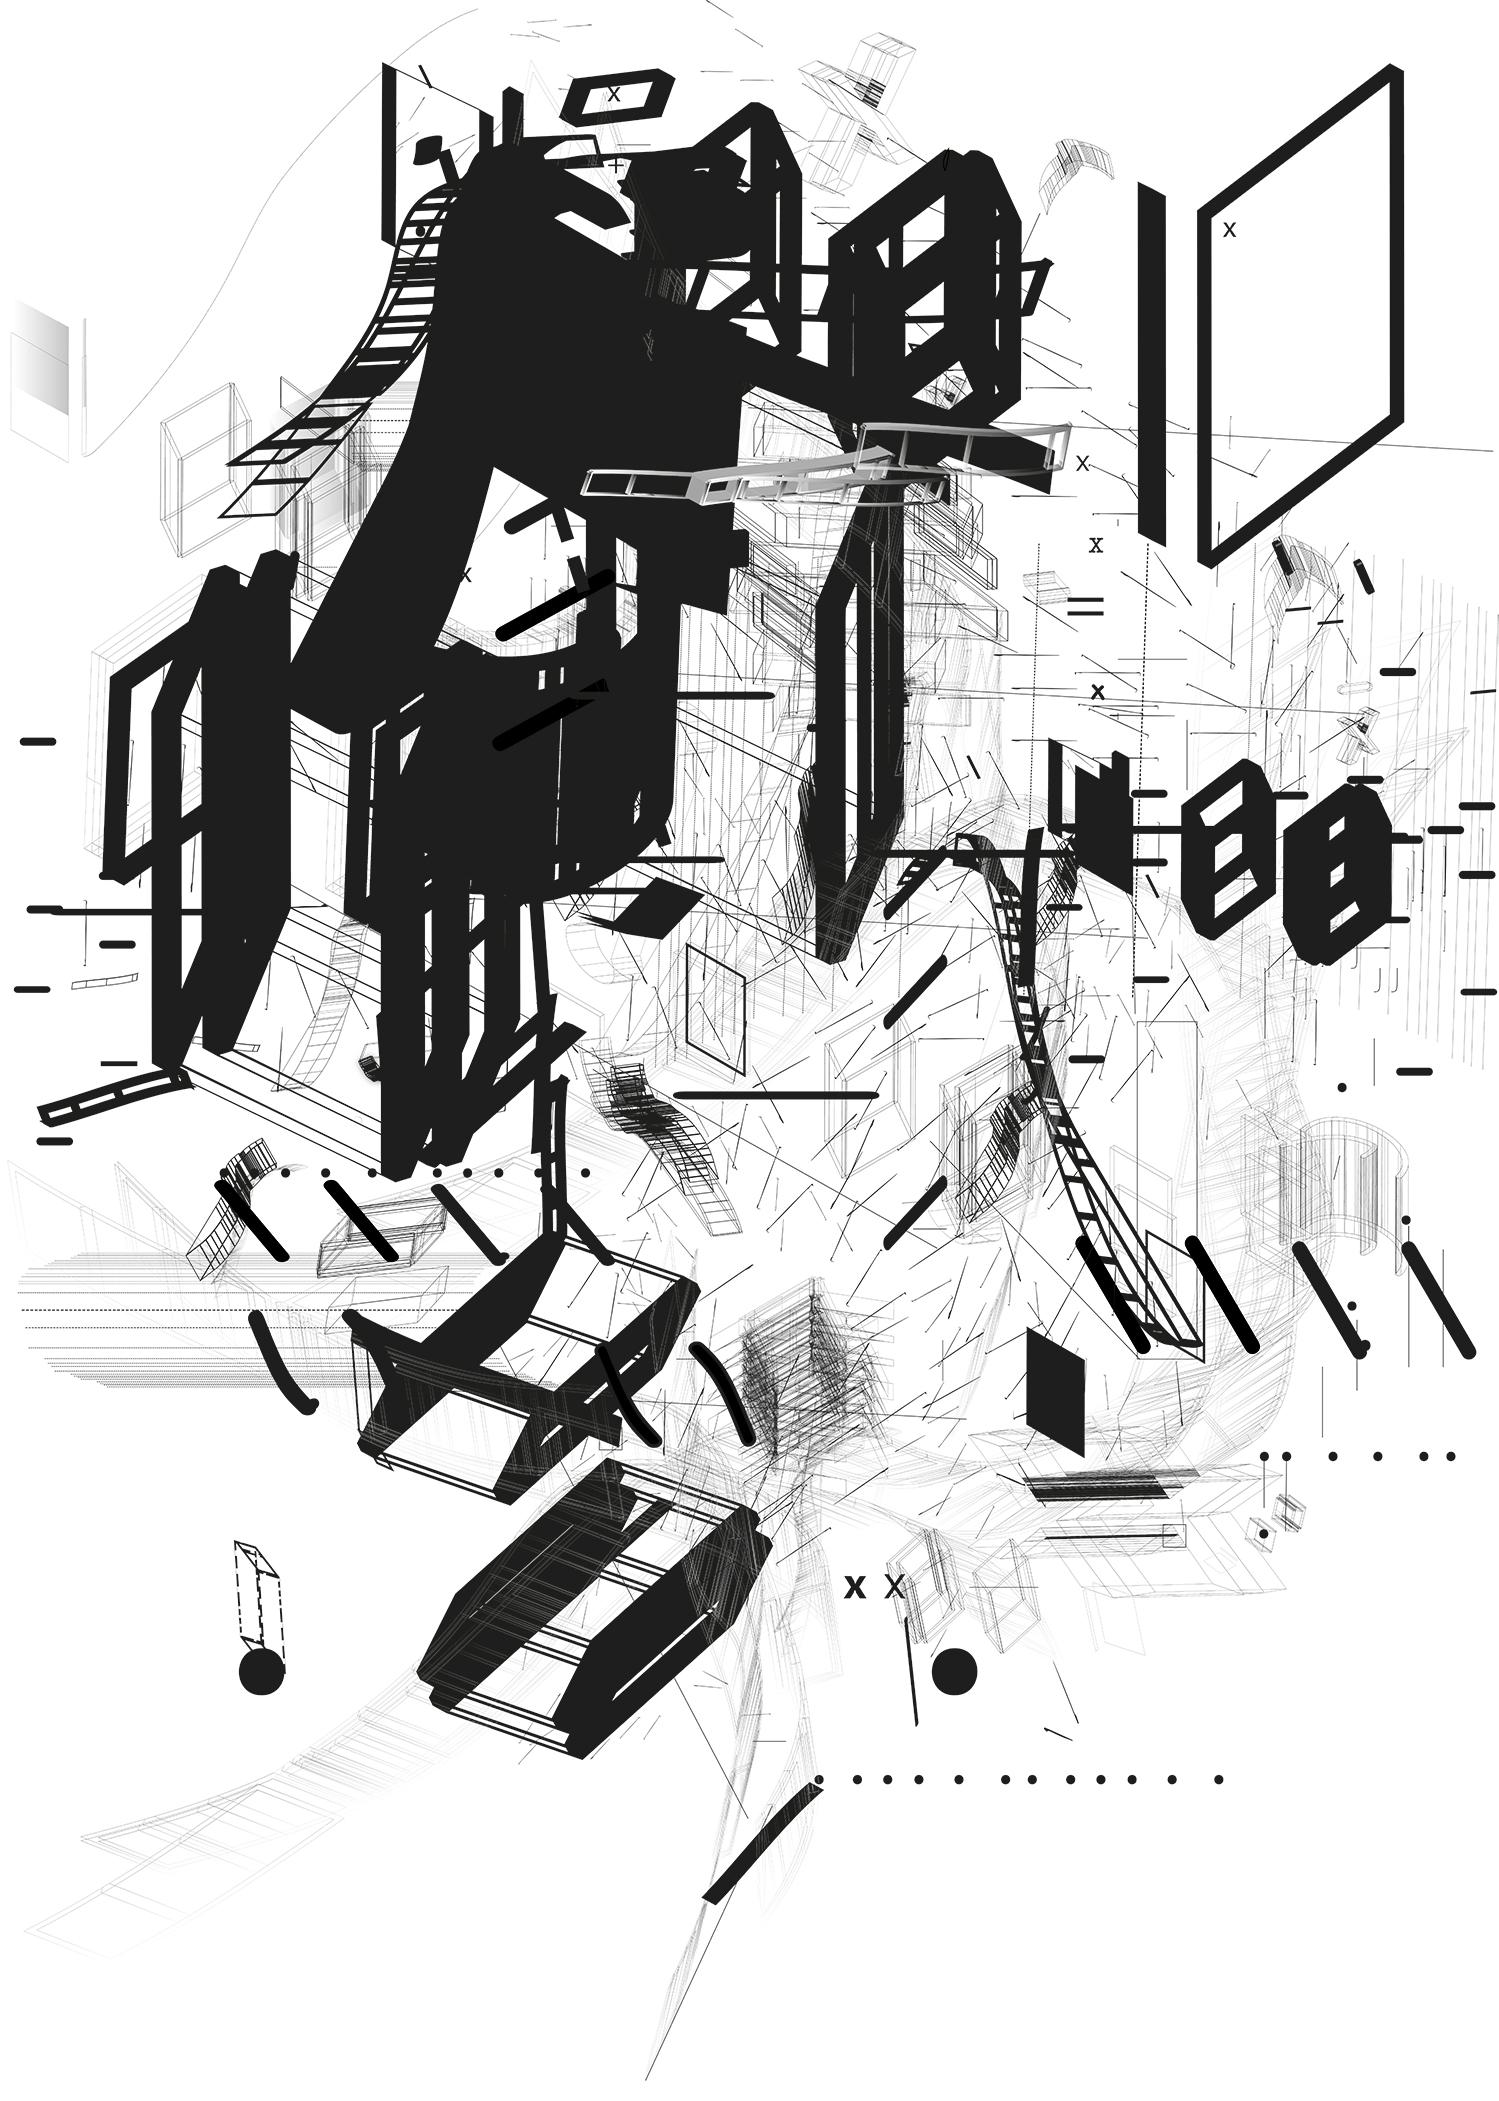 Black_Digital_print_on_canvas_2016